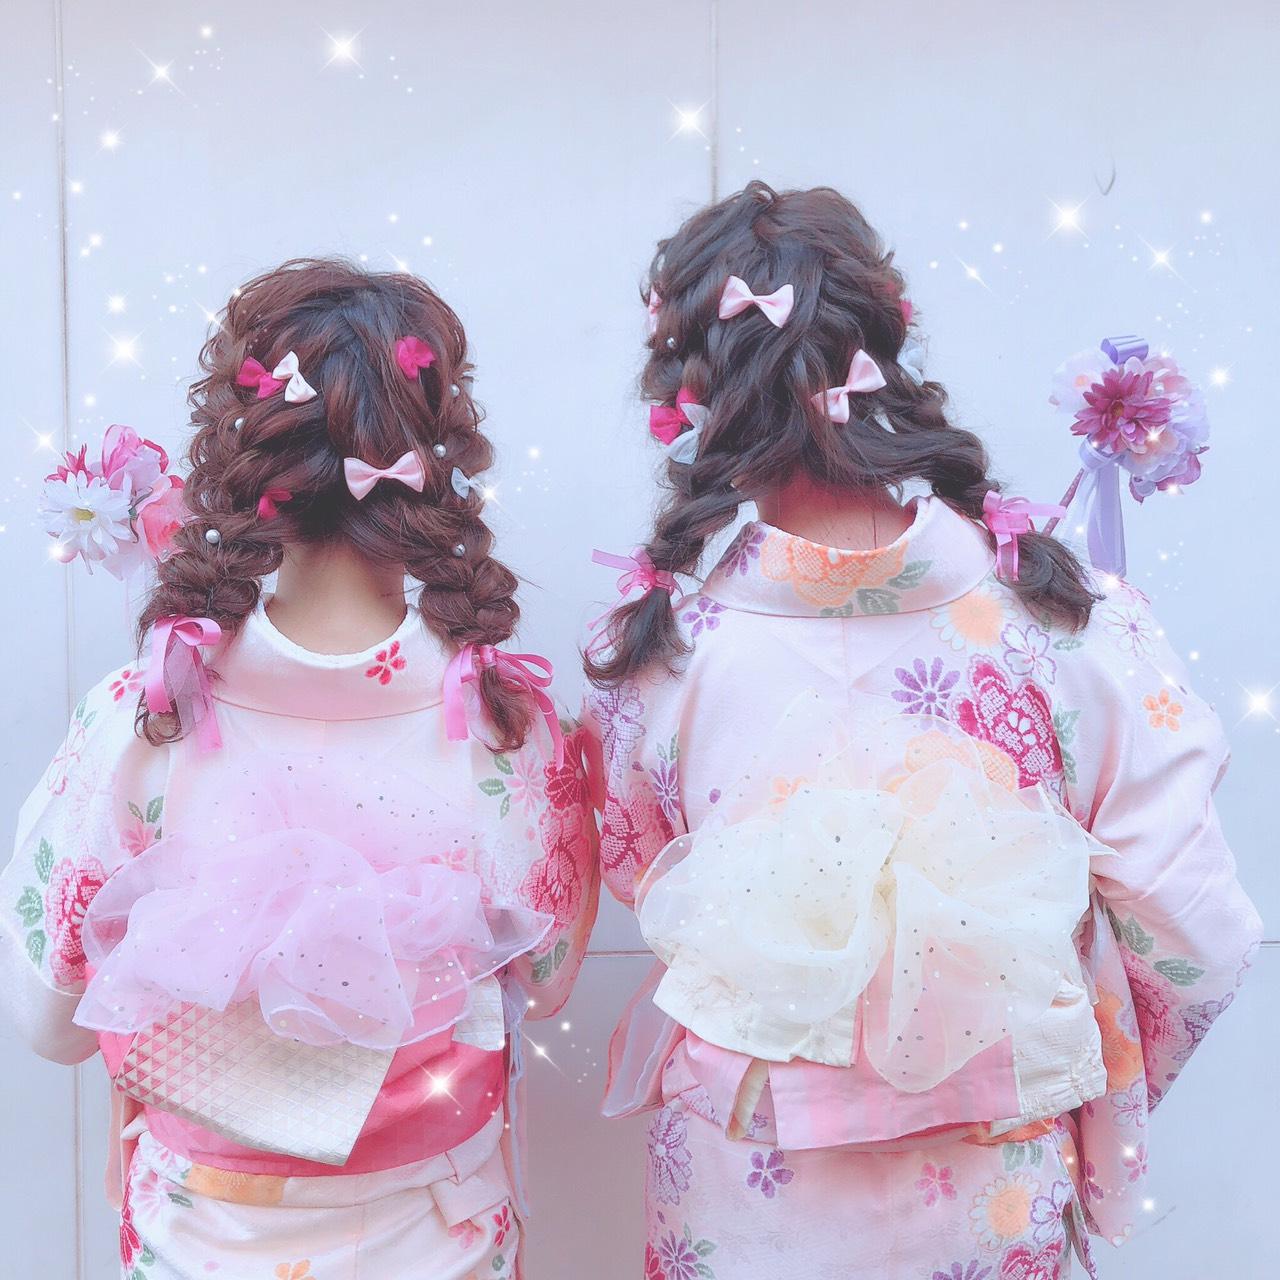 京都で着物・浴衣レンタルなら、人と差がつく可愛さの 『京都祇園屋』と『梨花和服』がおすすめ! シルバーウィークの京都女子旅にも♪_4